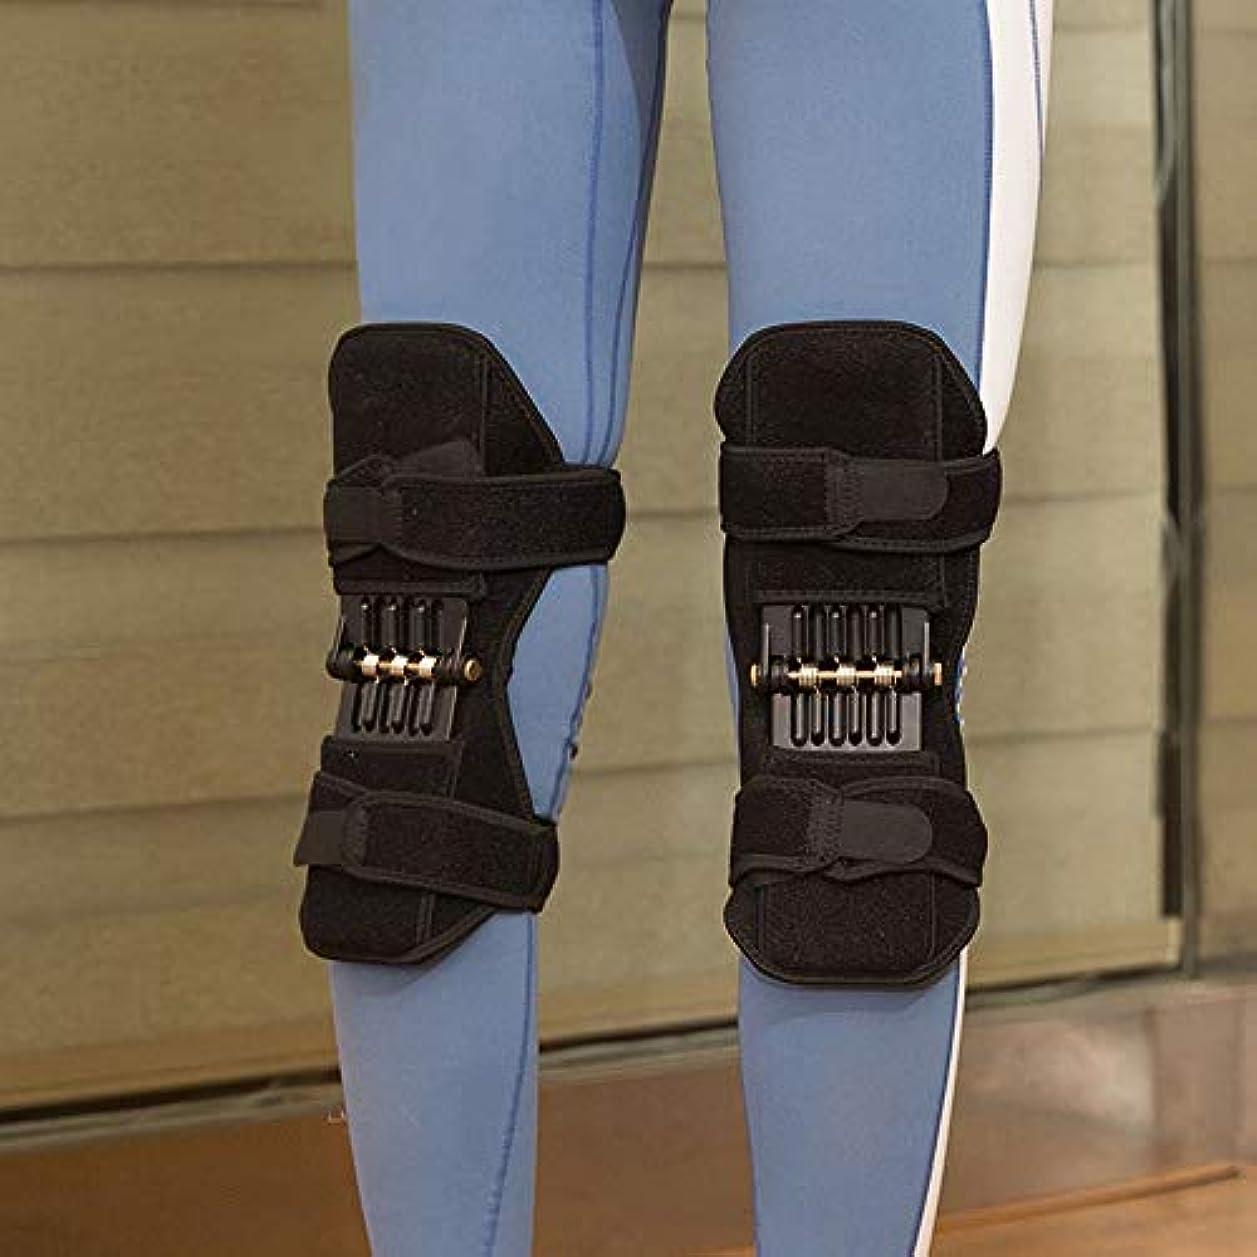 オーバーコート間隔インディカ1 ペアスポーツ 春の膝 ストラップ 登山 ランニング 膝 ブースター 膝 パッド 膝関節保護 マッサージツール